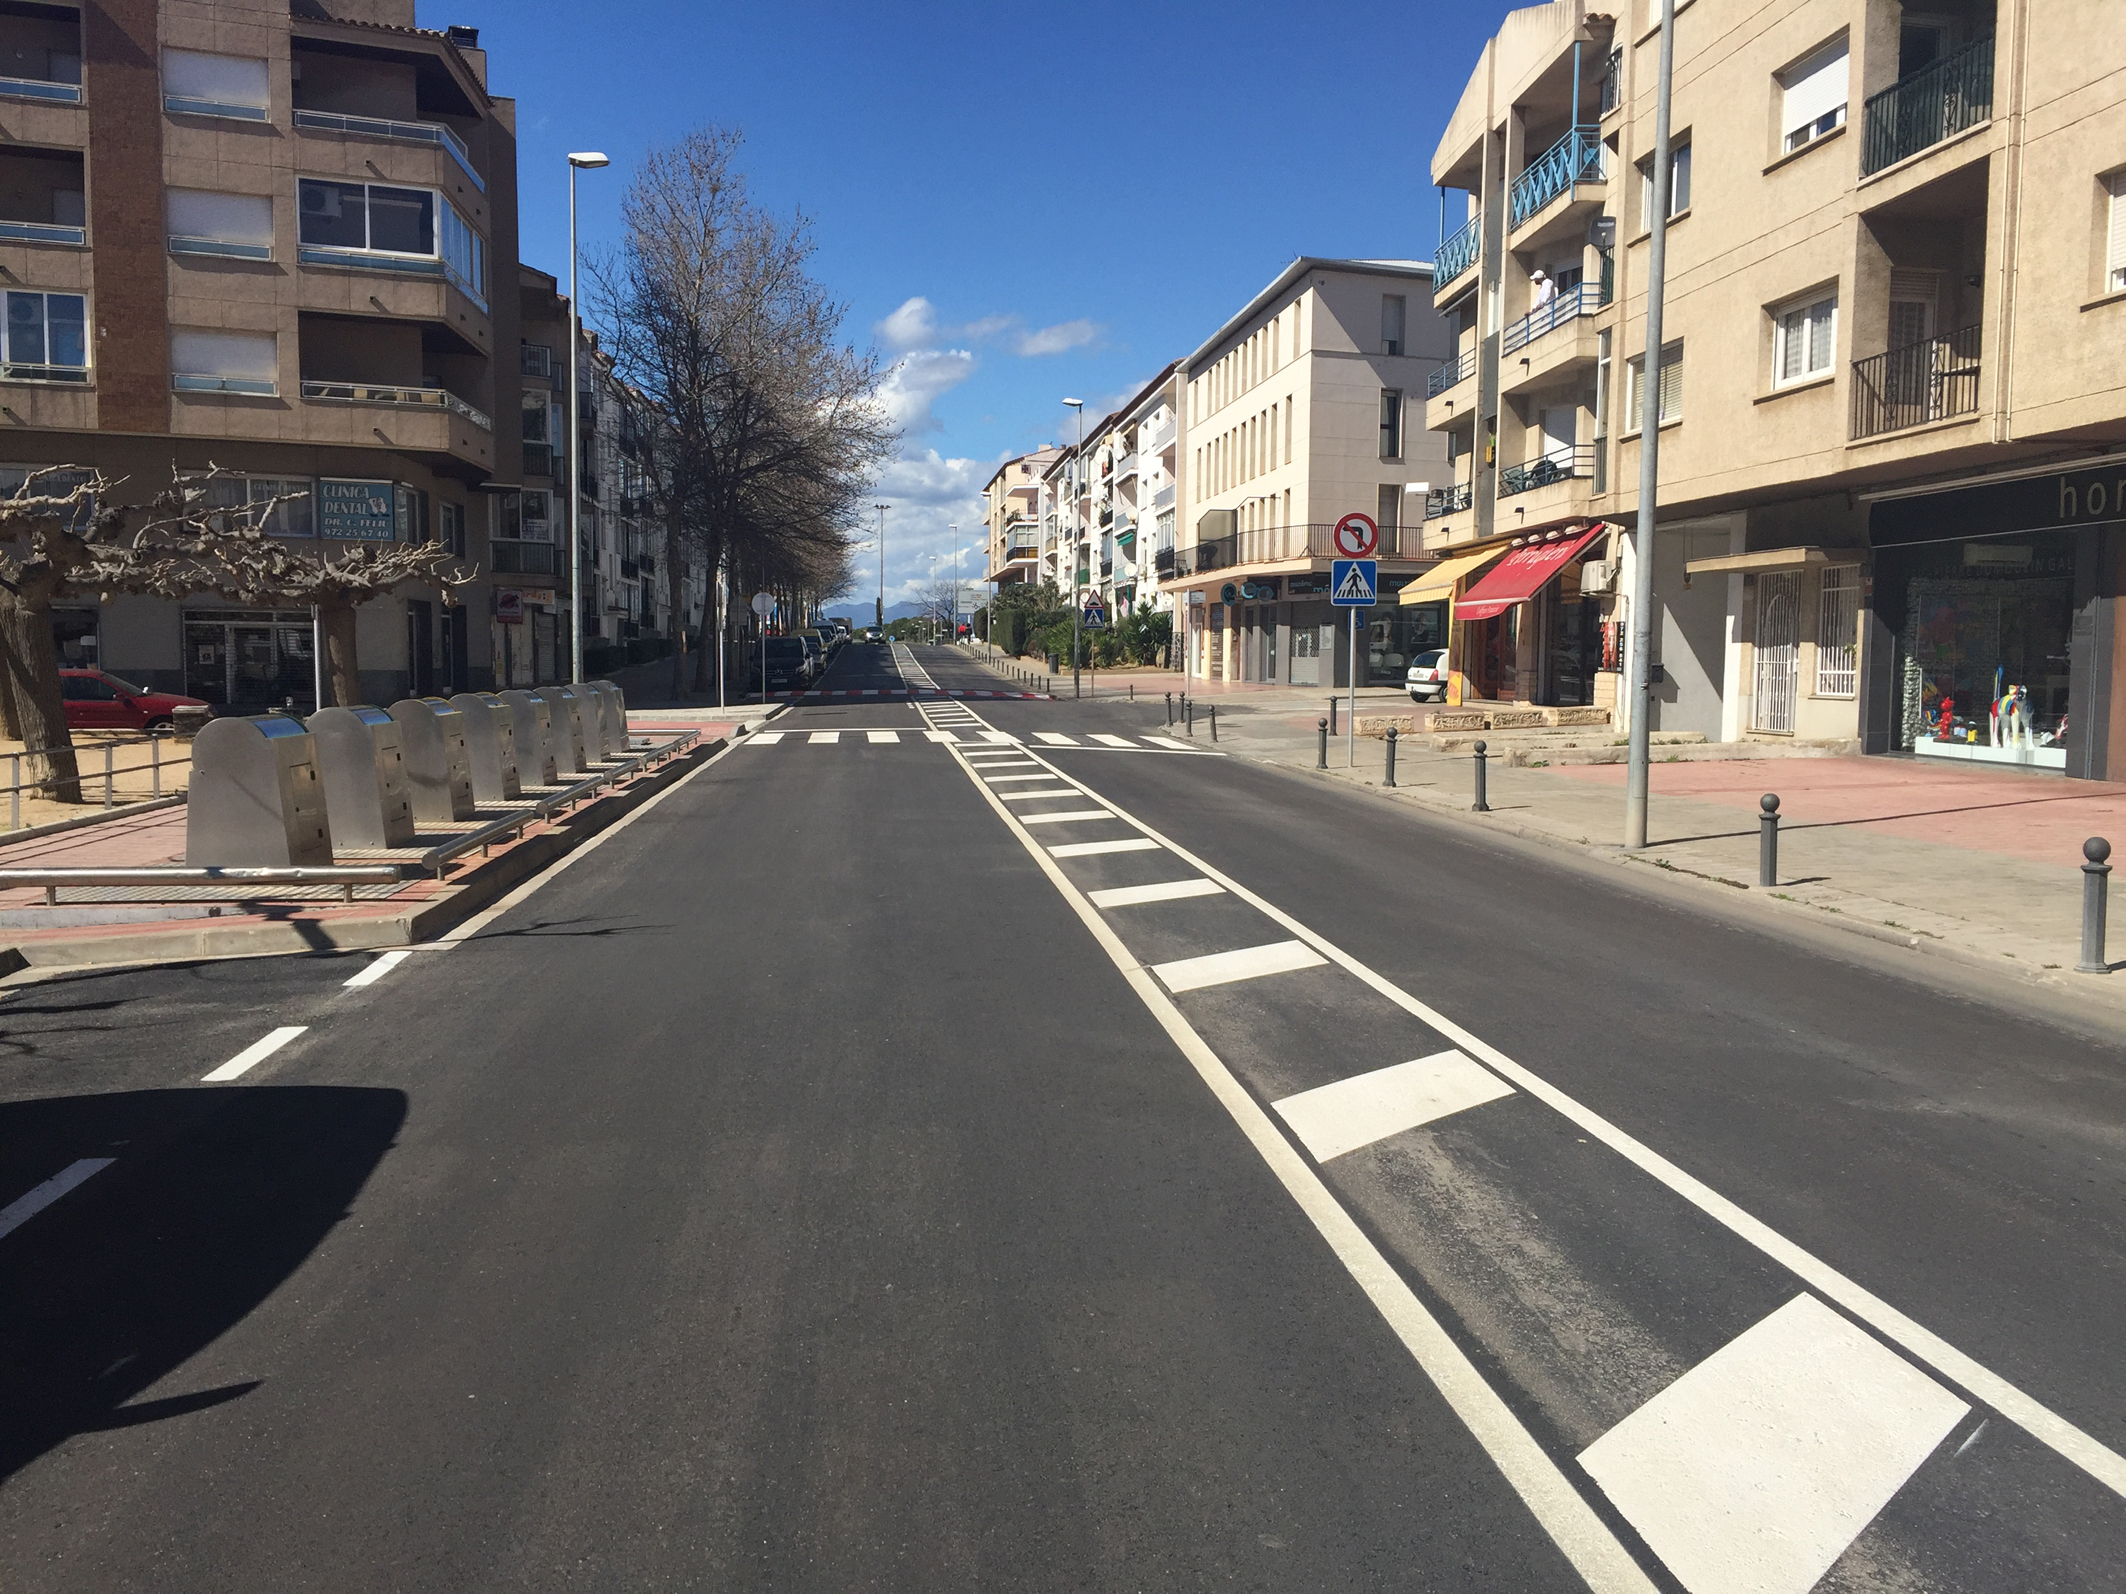 Les feines d'asfaltatge a Roses ja han renovat 14 carrers dels 35 previstos